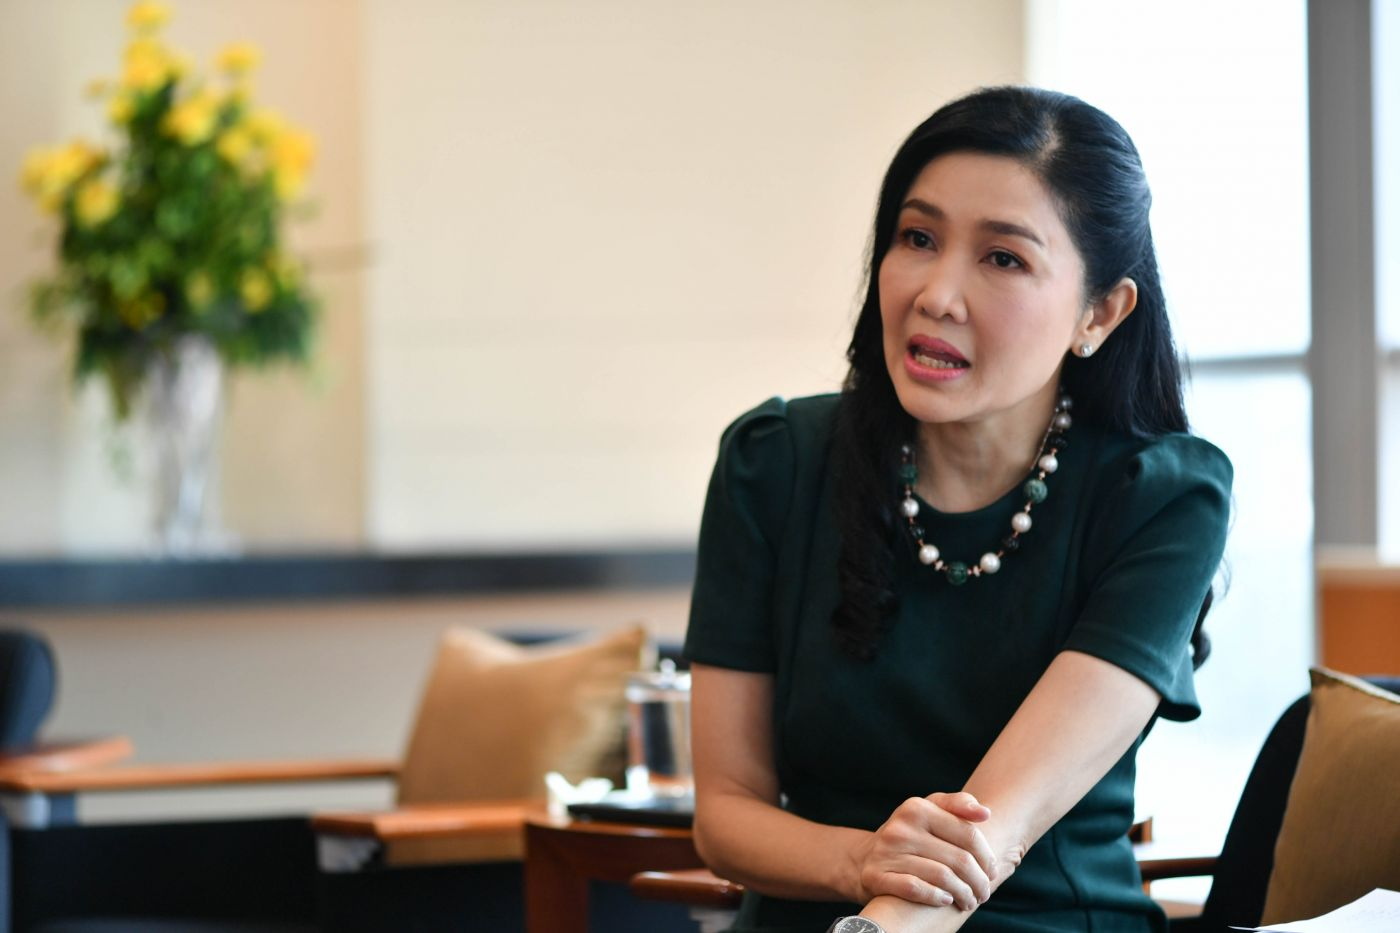 ธนาคารกสิกรไทย แจ้งผลประกอบการงวดครึ่งปีแรก ปี 63 กำไร 9,550 ล้านบาท